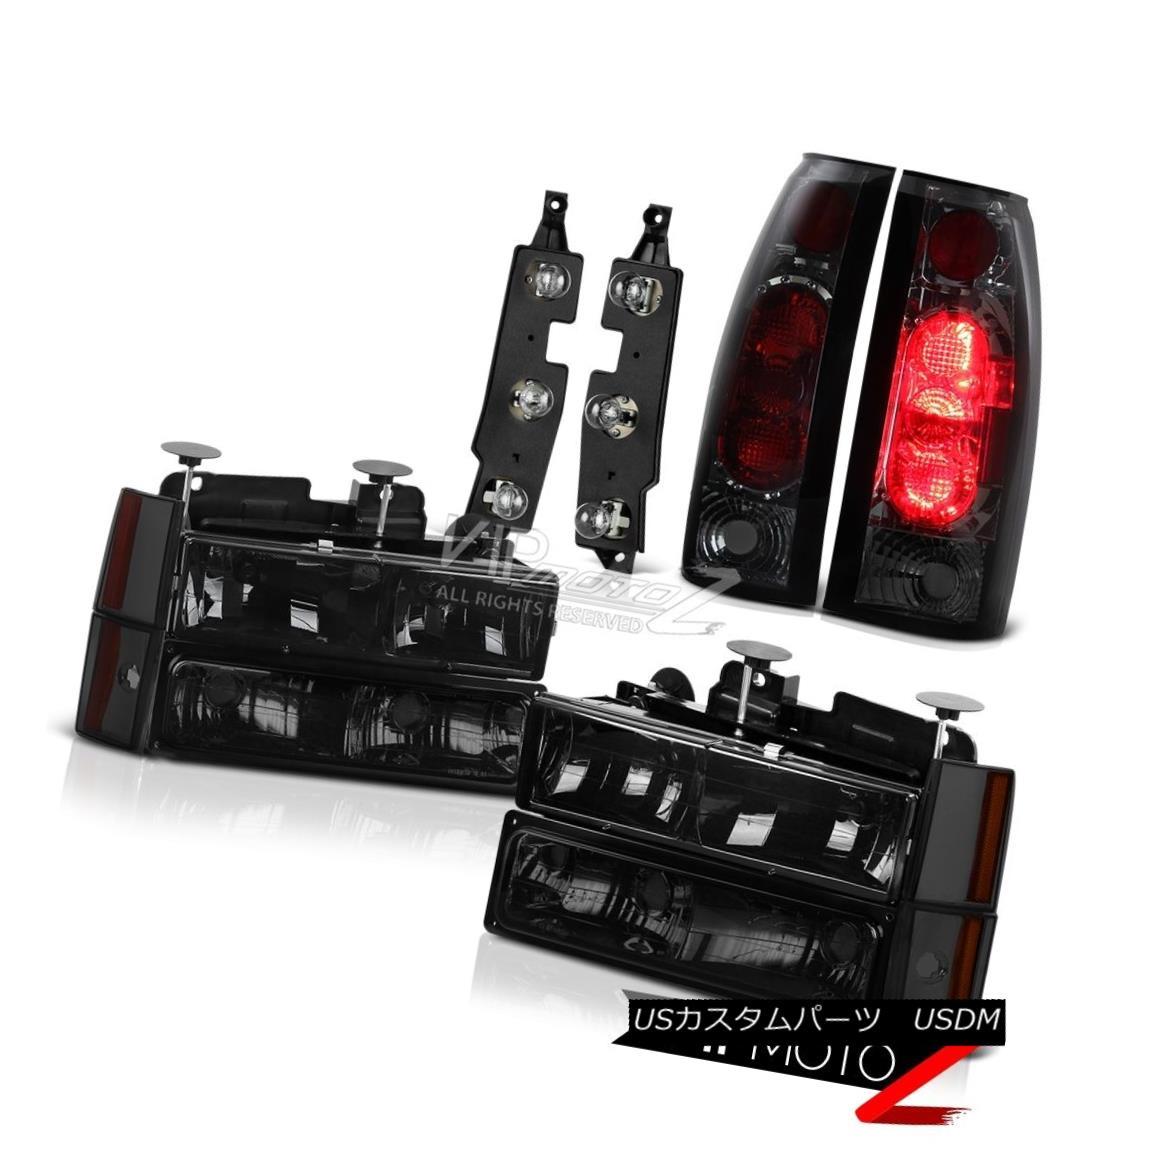 ヘッドライト 1988-1993 Chevy K3500 Bulbs Holder Smokey Tail Lights 8Pcs Headlight Combo Euro 1988-1993シボレーK3500球根ホルダースモーキーテールライト8個のヘッドライトコンボユーロ